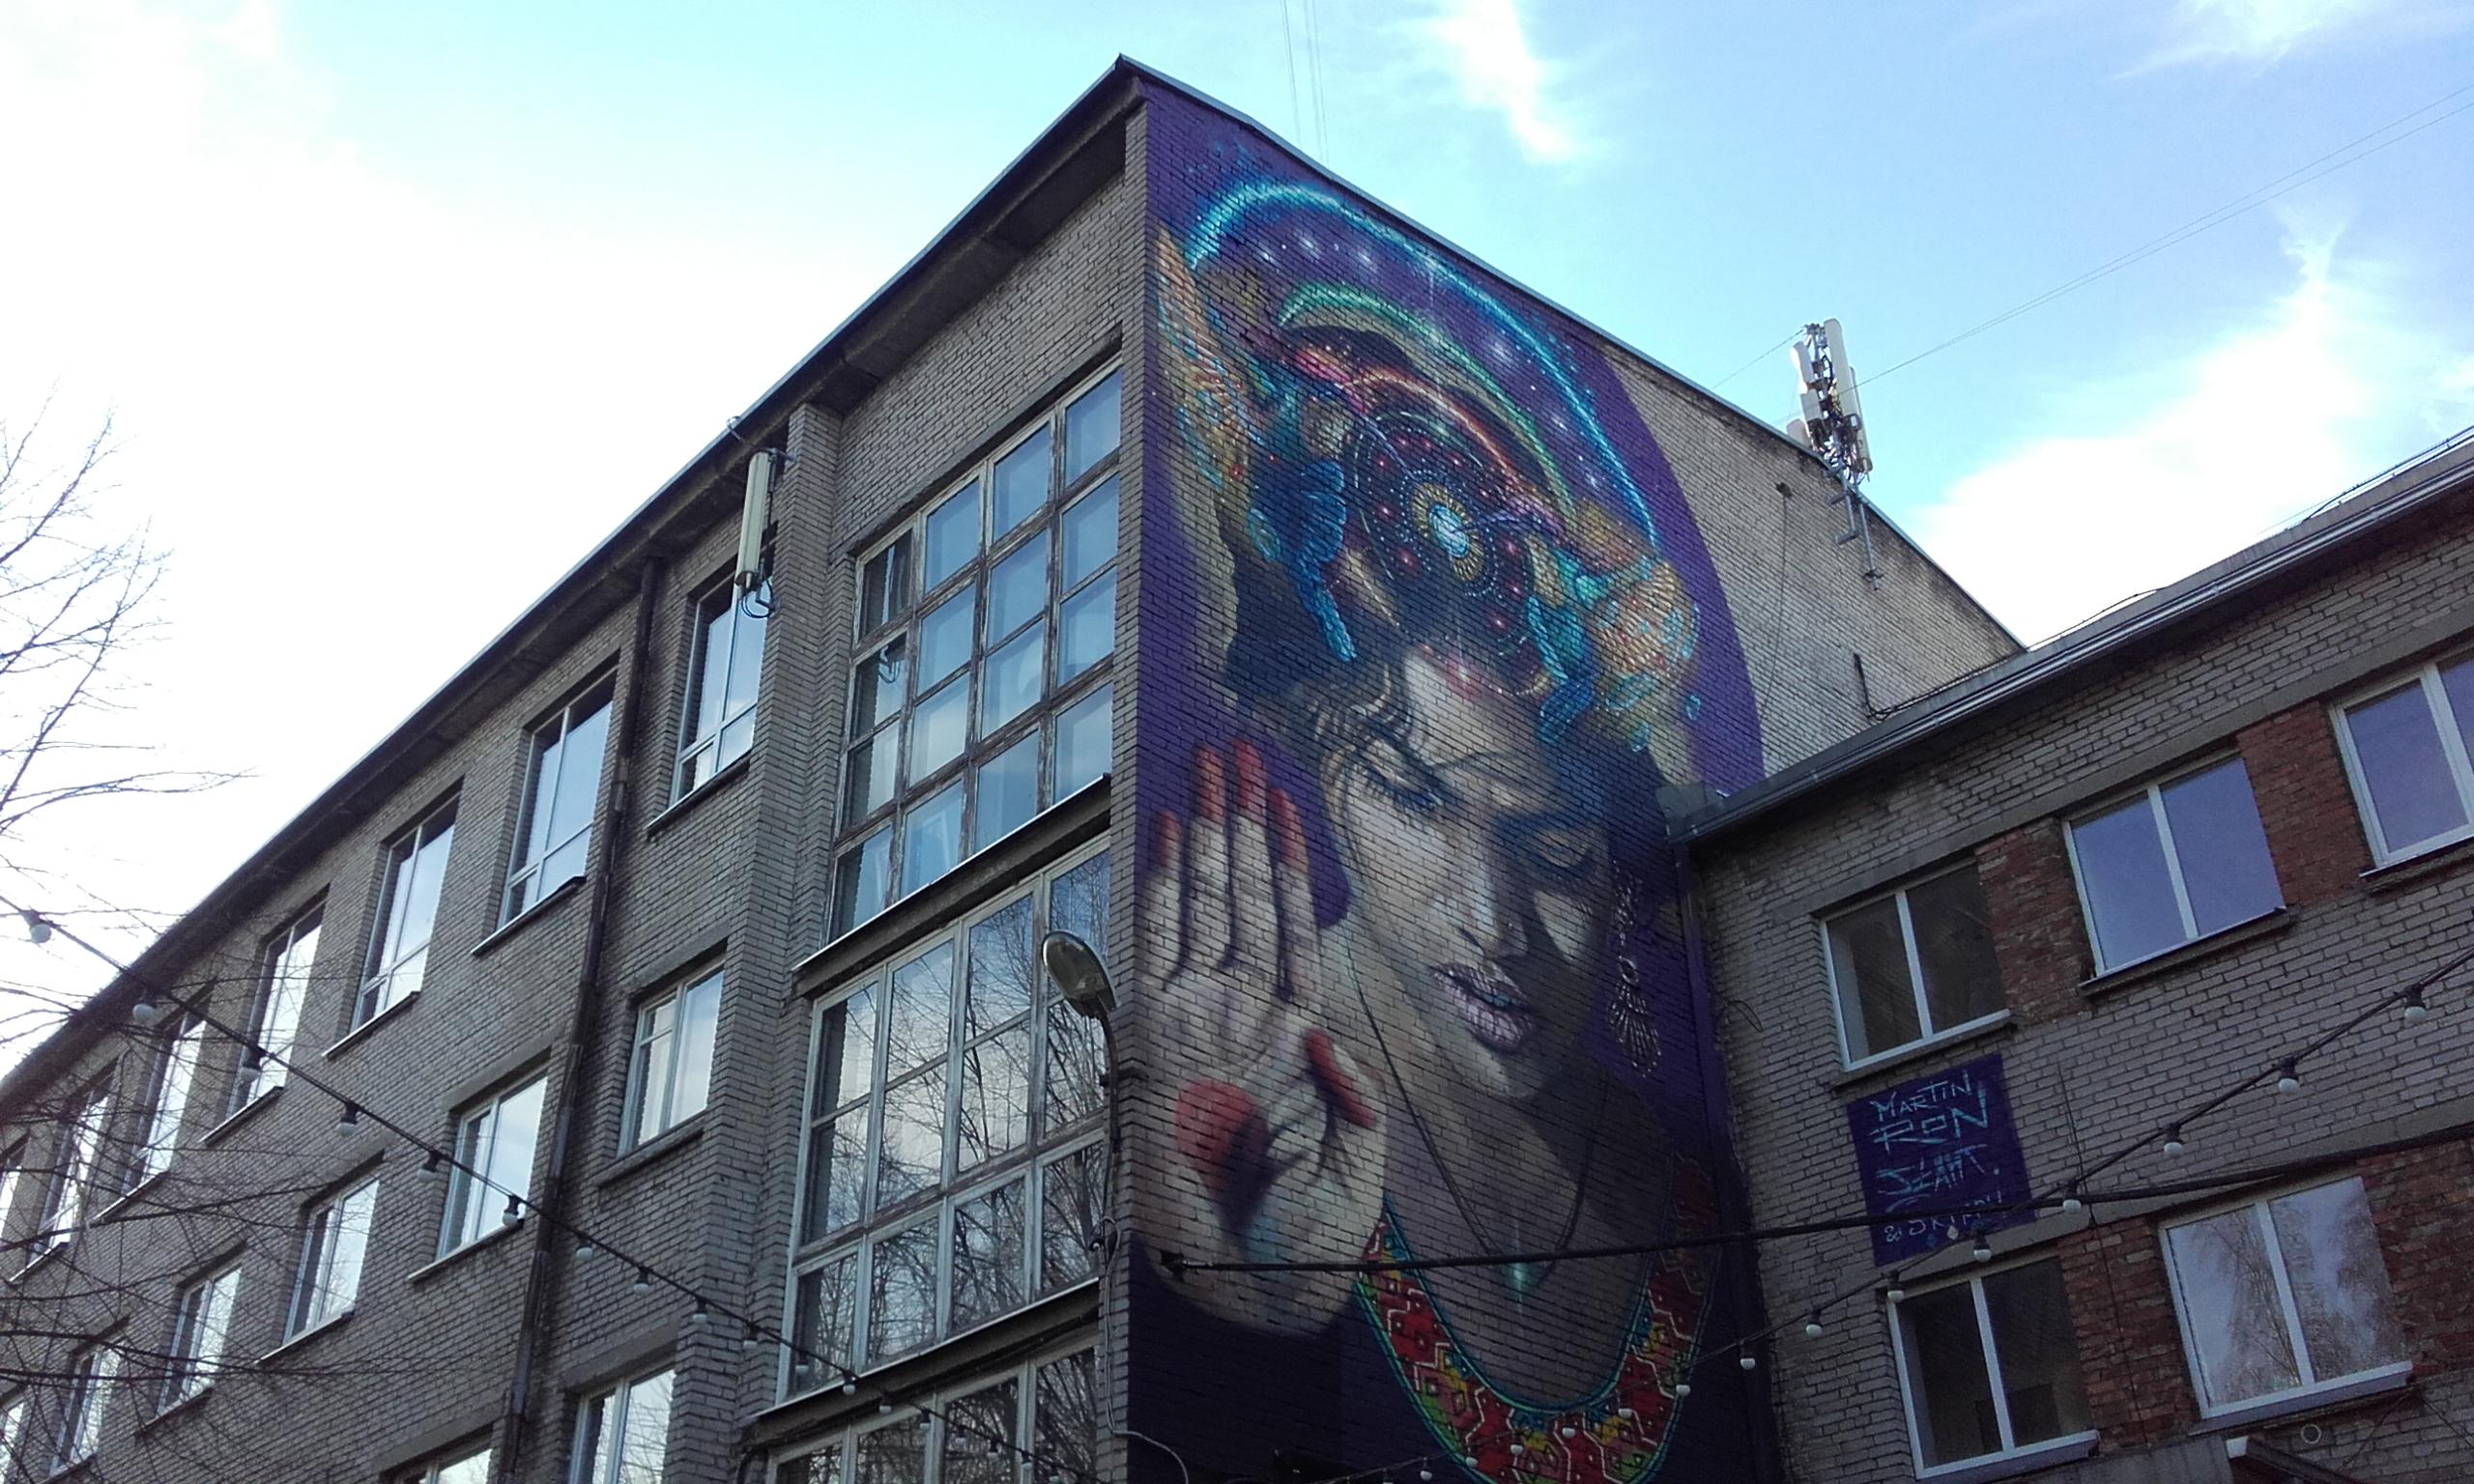 Arte urbano en Telliskivi